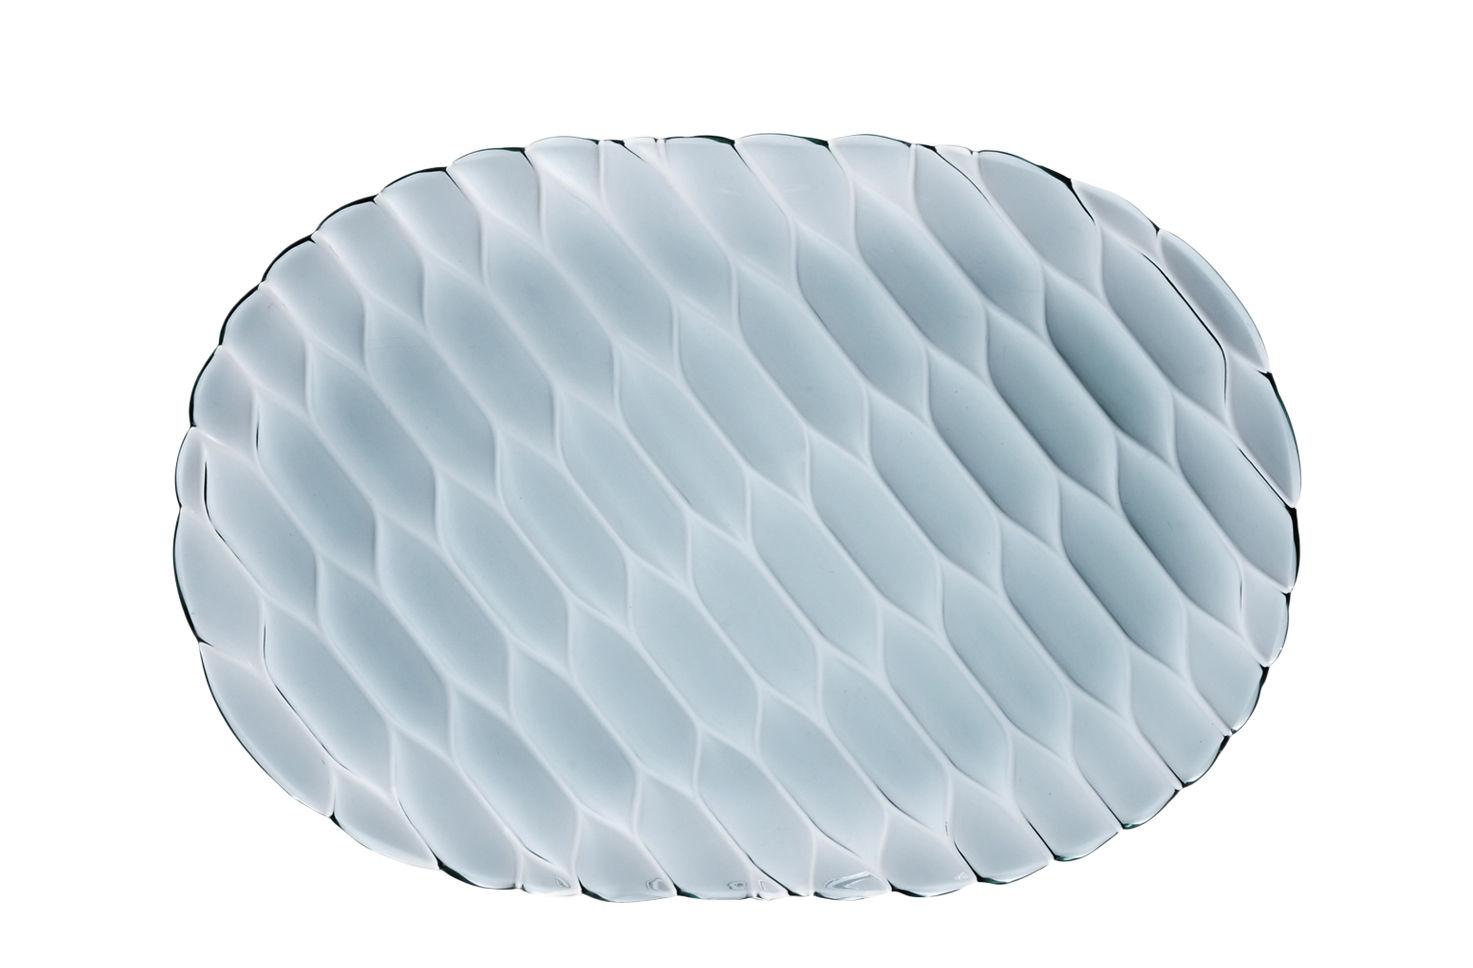 Arts de la table - Plateaux - Plateau Jellies Family / 36 x 25 cm - Kartell - Bleu ciel - Technopolymère thermoplastique